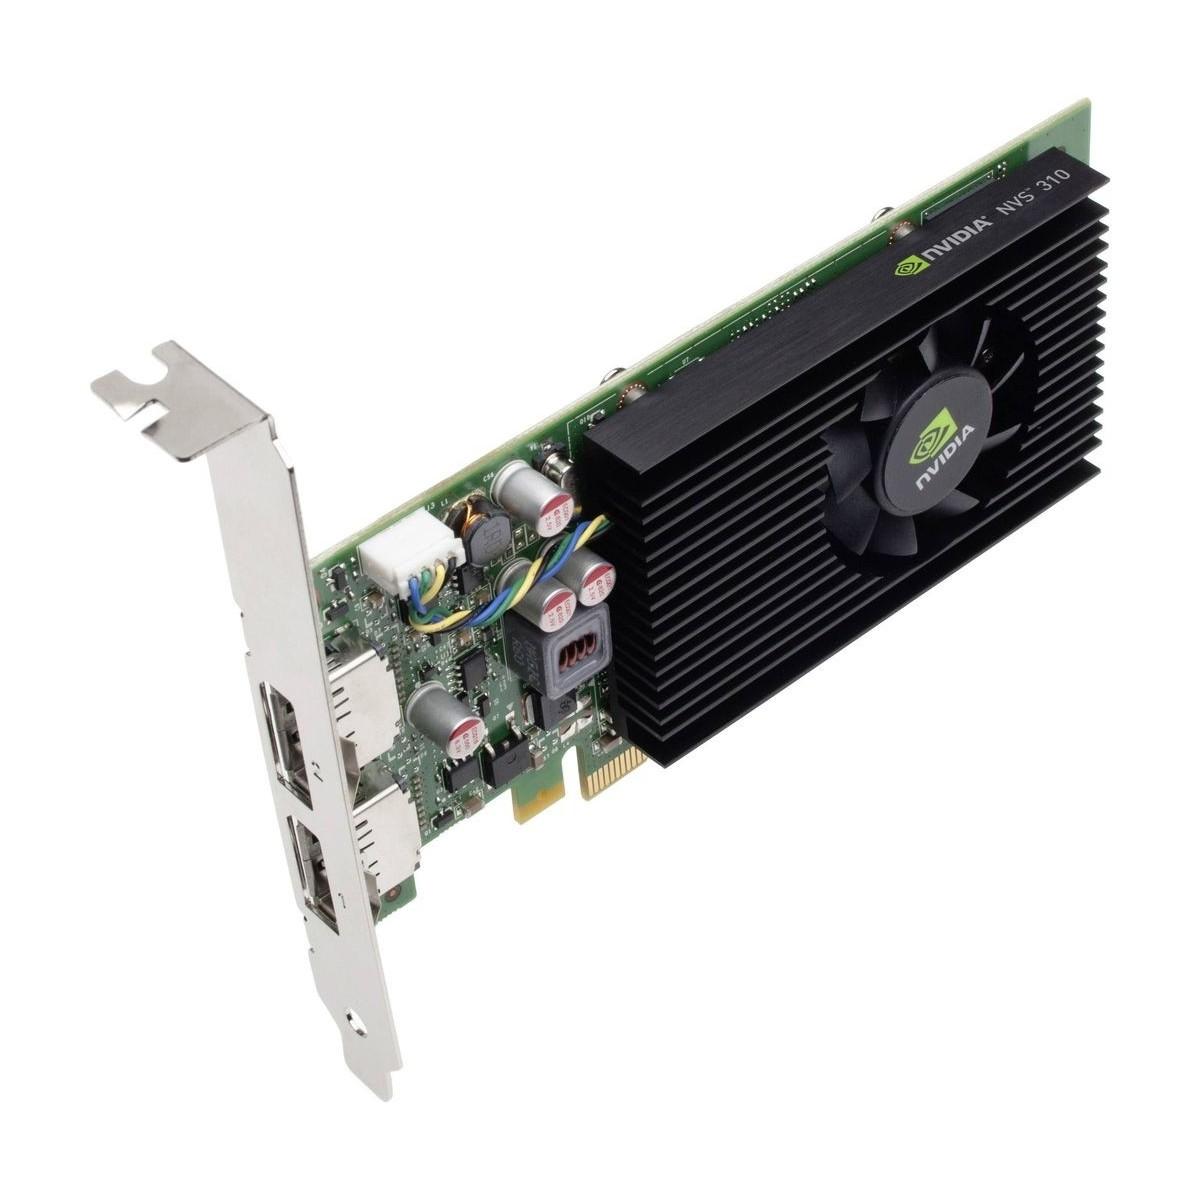 HP 8200 TOWER 3.4QC i7 2600 8GB 500GB SATA WIN7 PRO